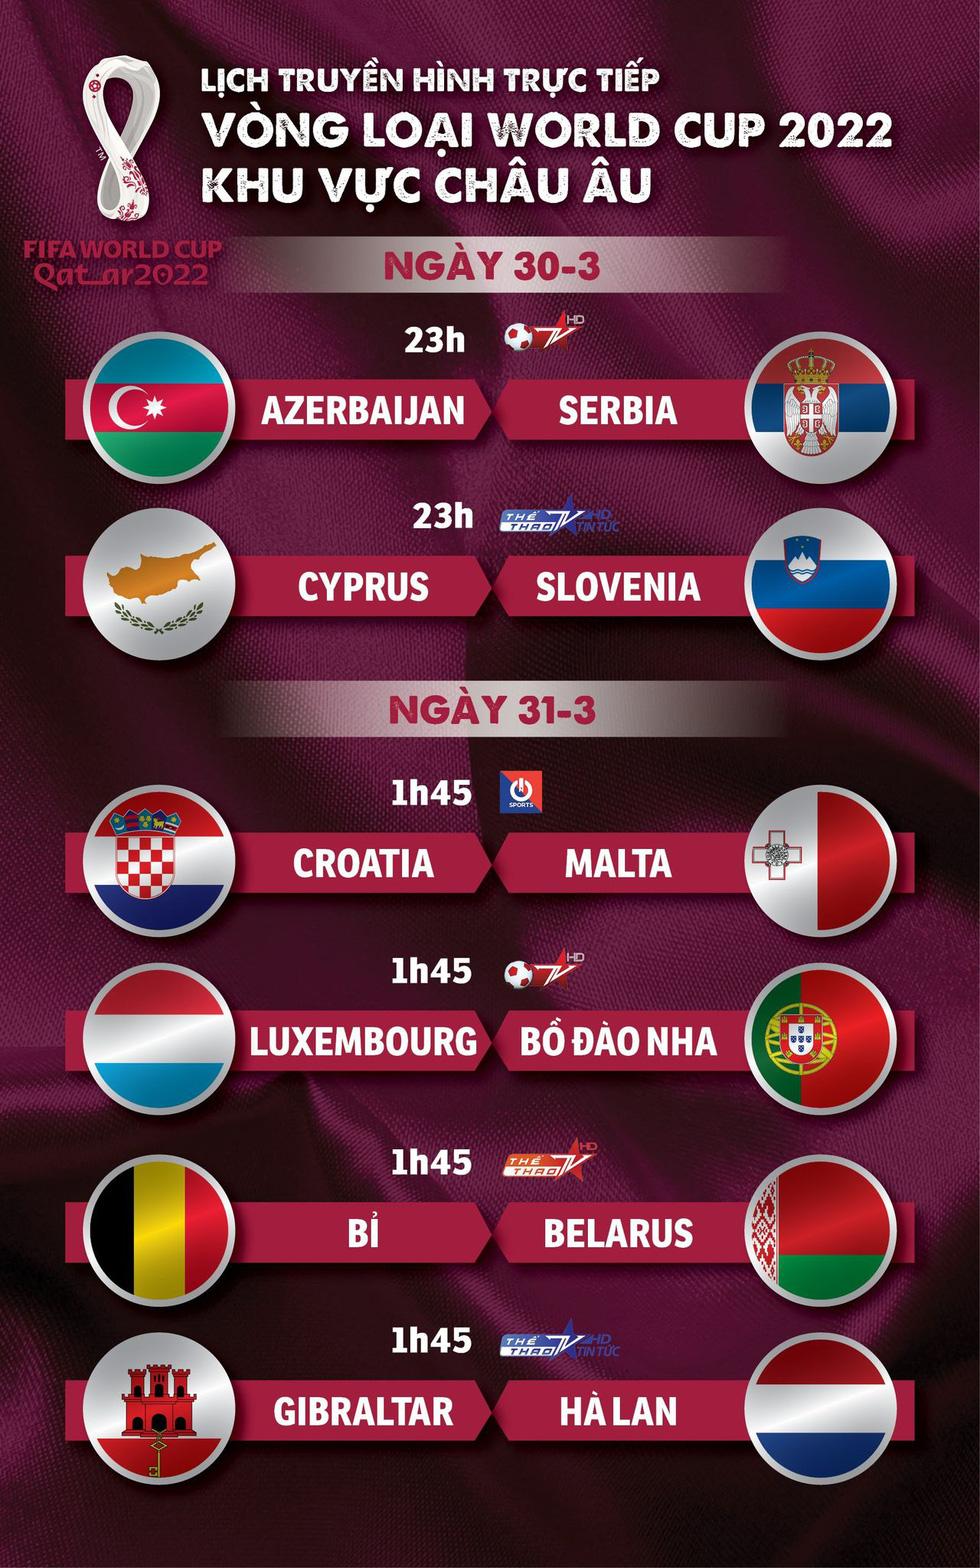 Lịch trực tiếp vòng loại World Cup 2022 châu Âu: Bồ Đào Nha, Bỉ, Hà Lan thi đấu - Ảnh 1.